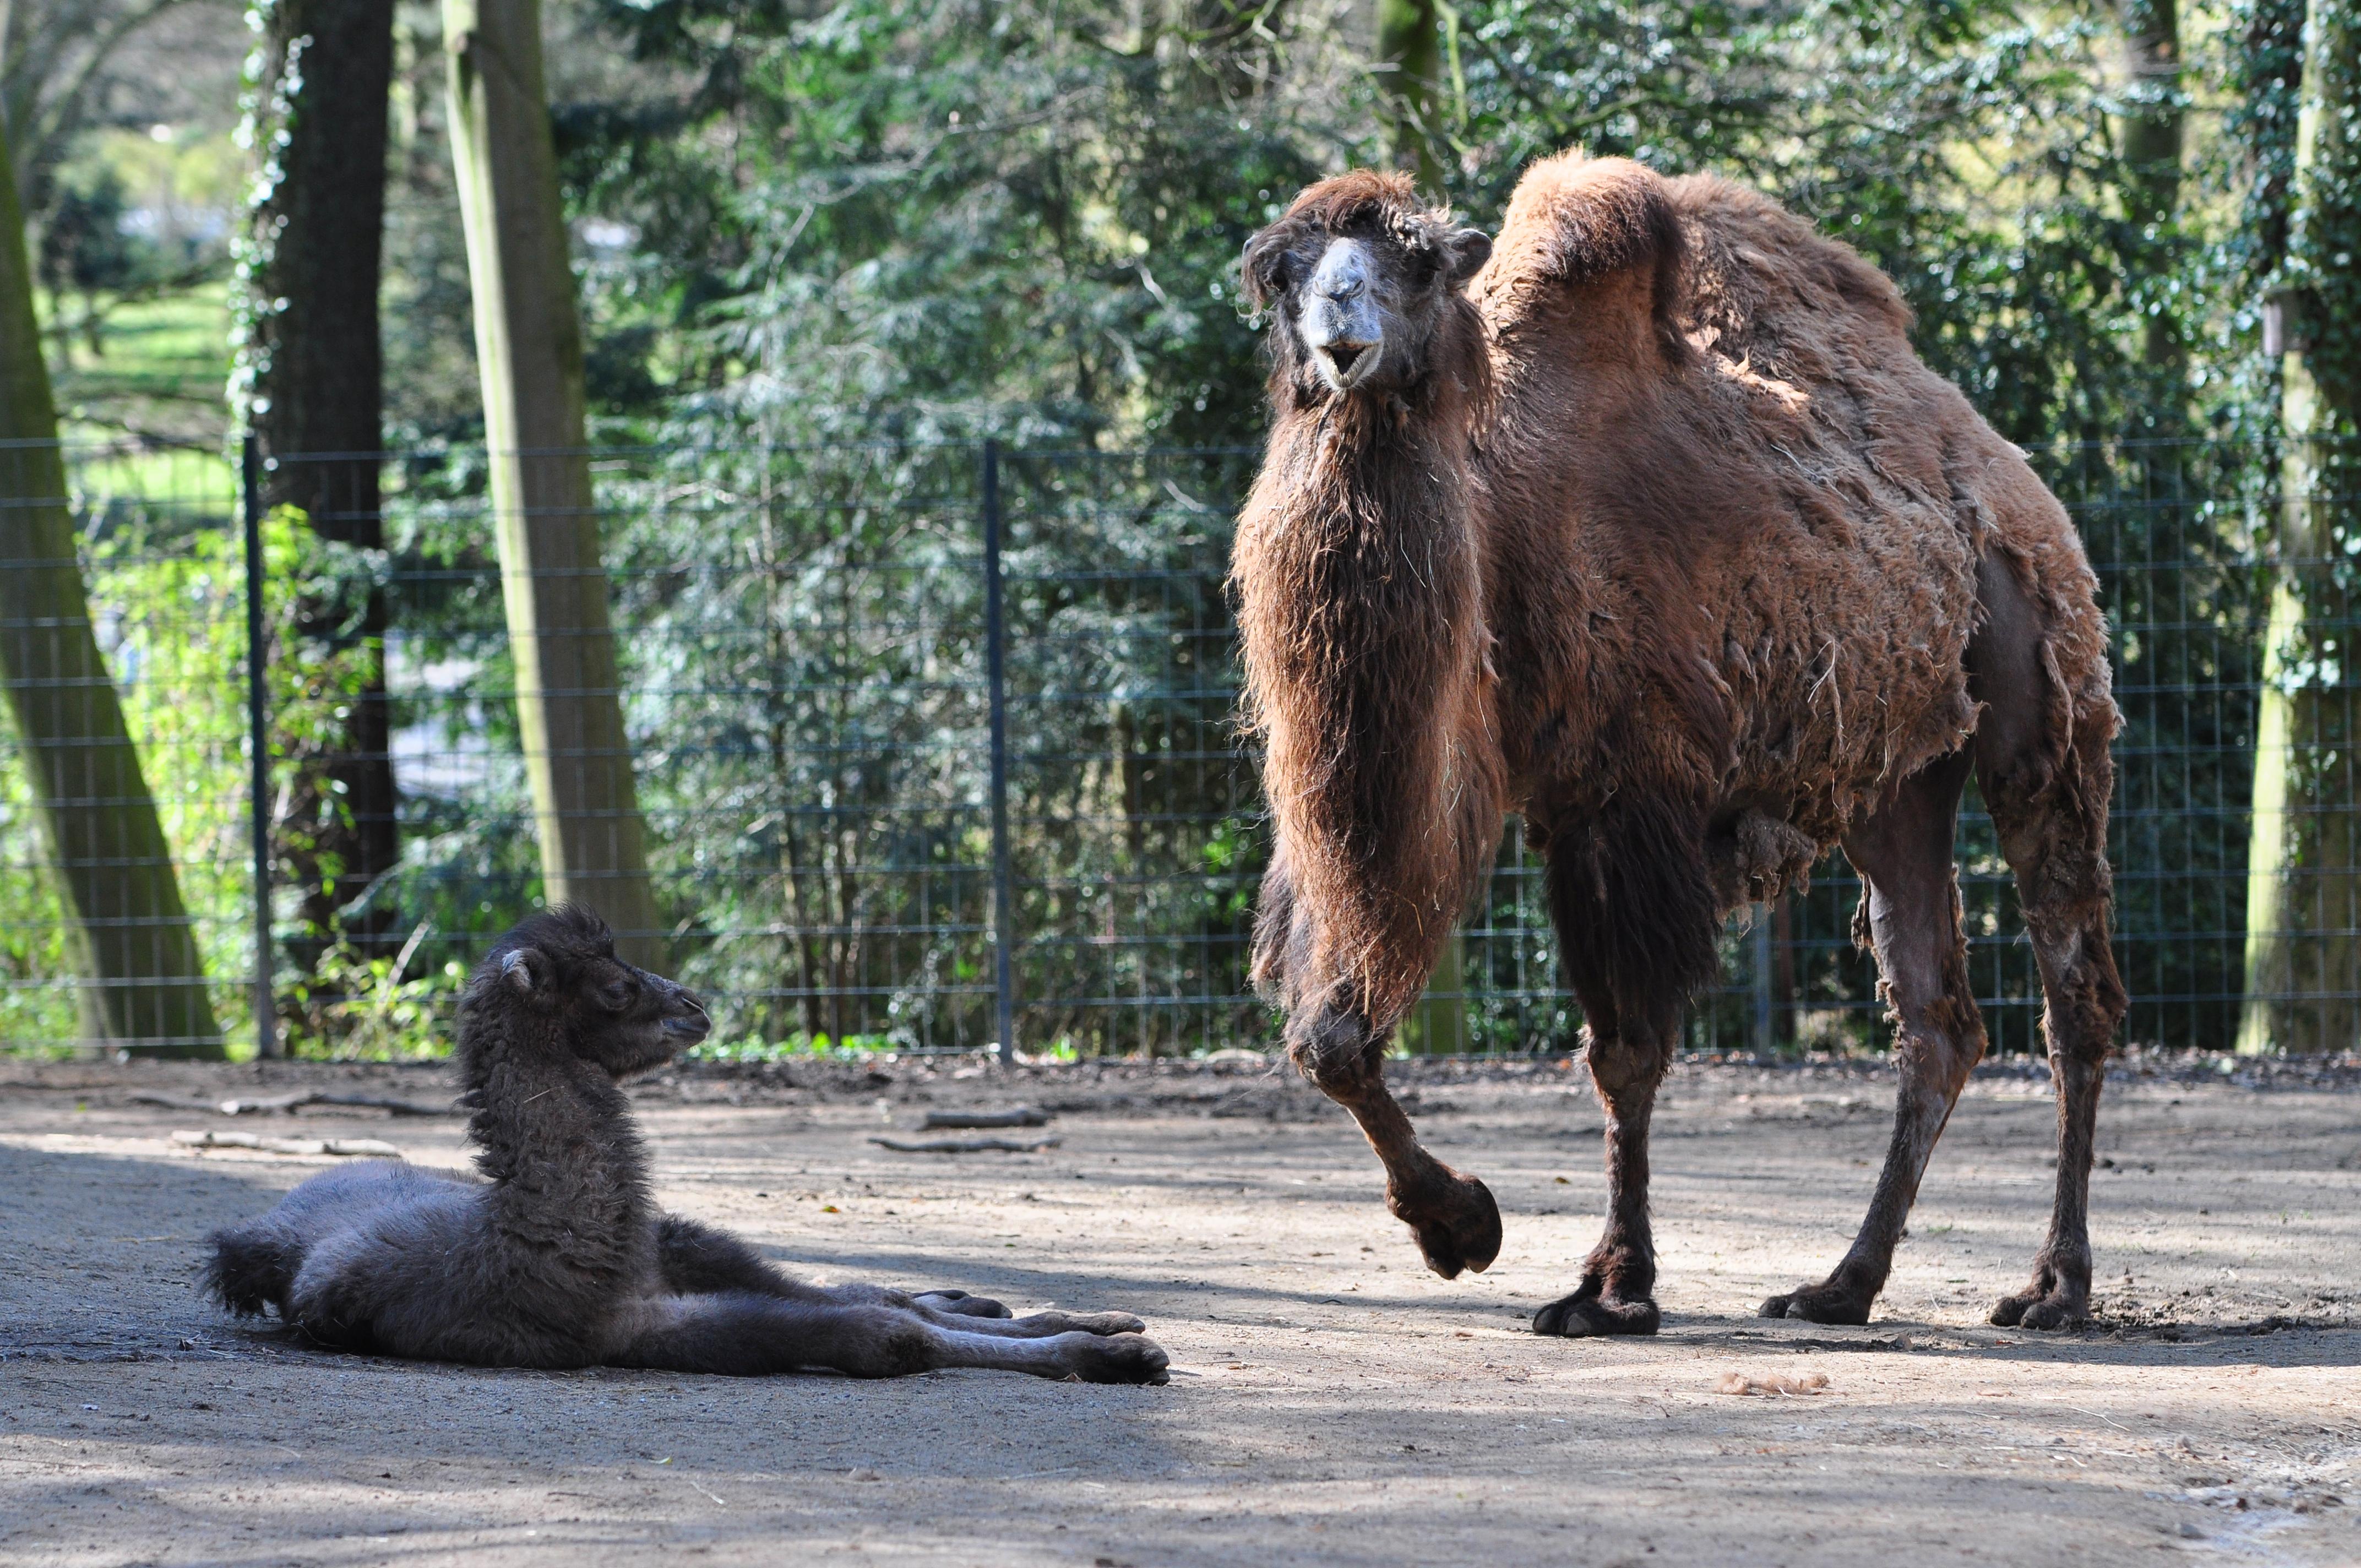 kamelbaby im zoo dortmund medien zoo dortmund freizeit kultur tourismus stadtportal. Black Bedroom Furniture Sets. Home Design Ideas